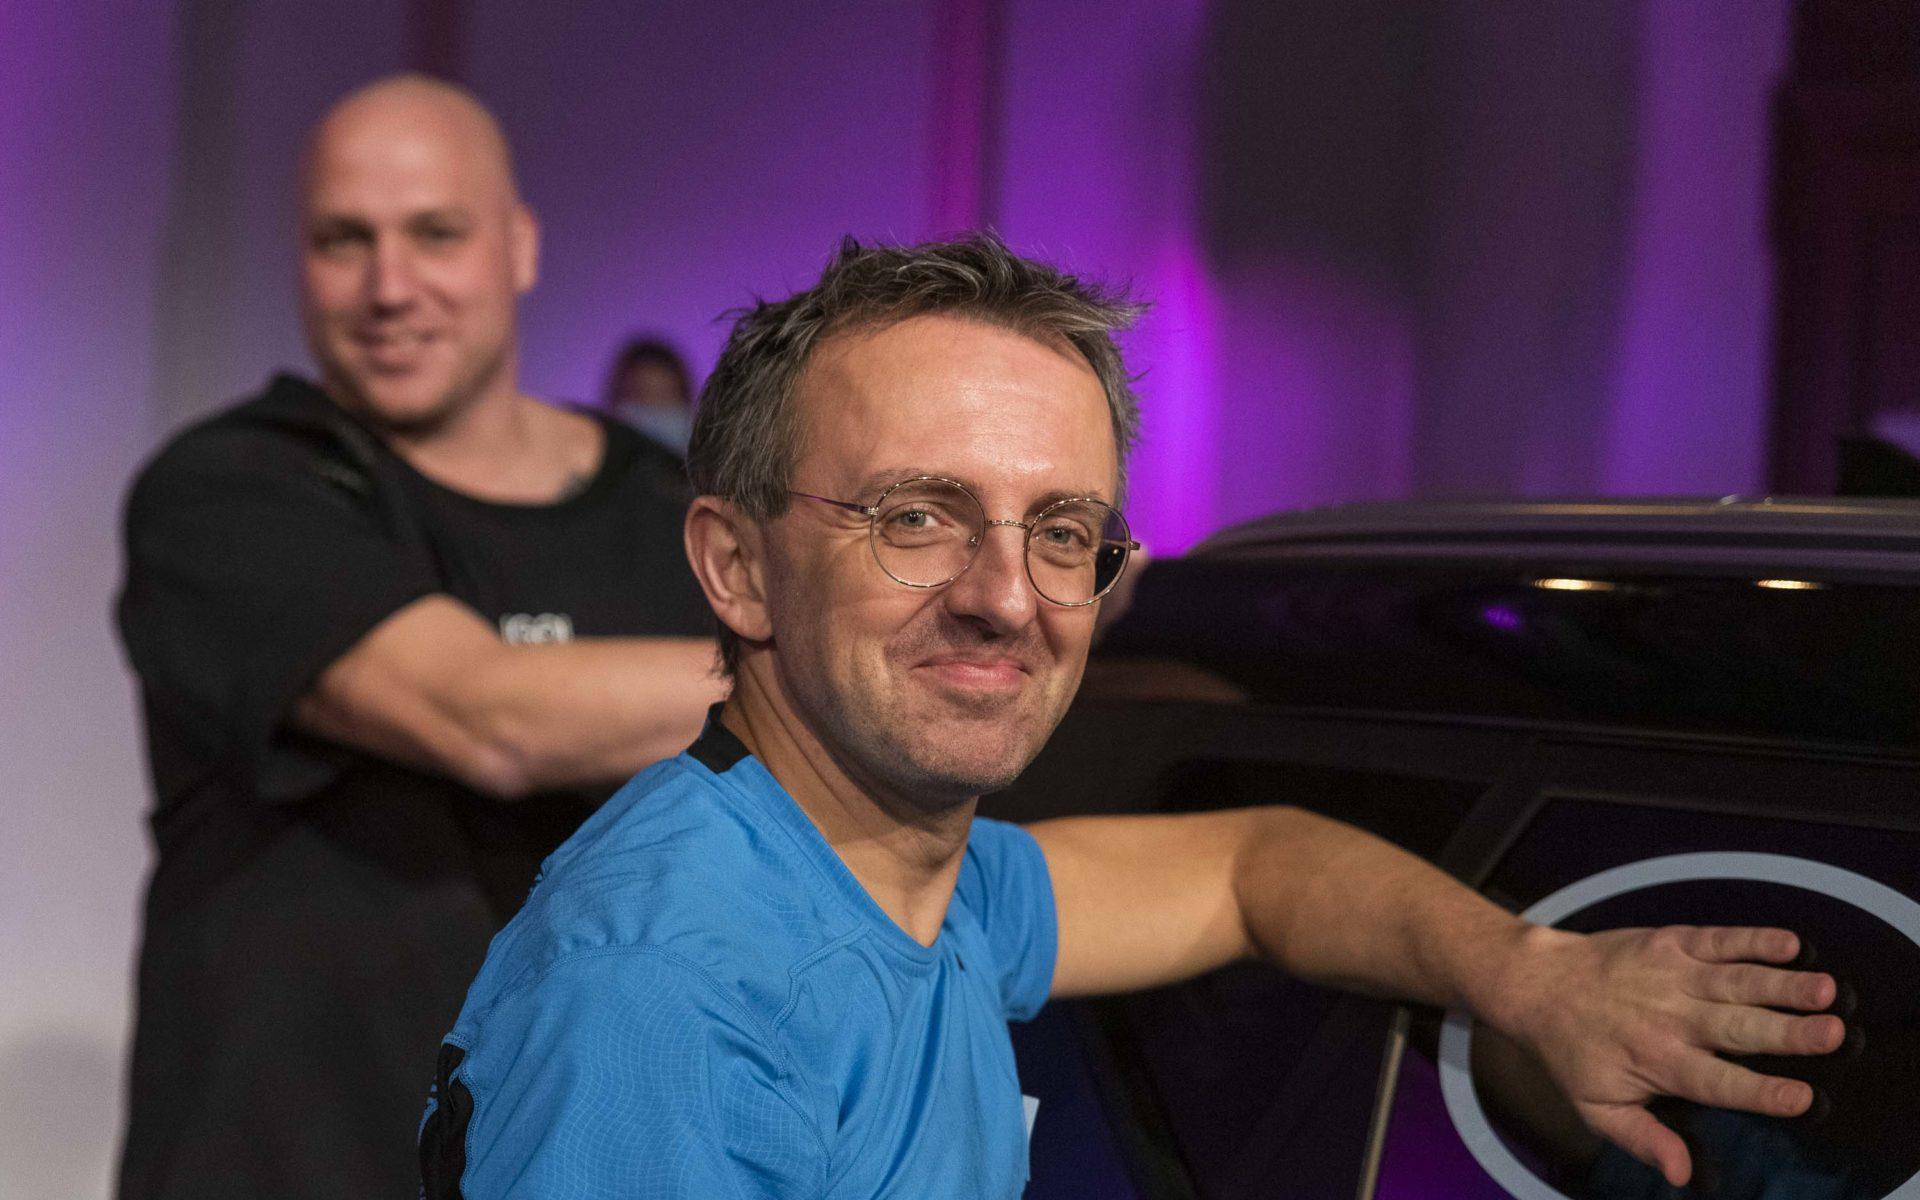 Kandidaten Gerhard und Martin